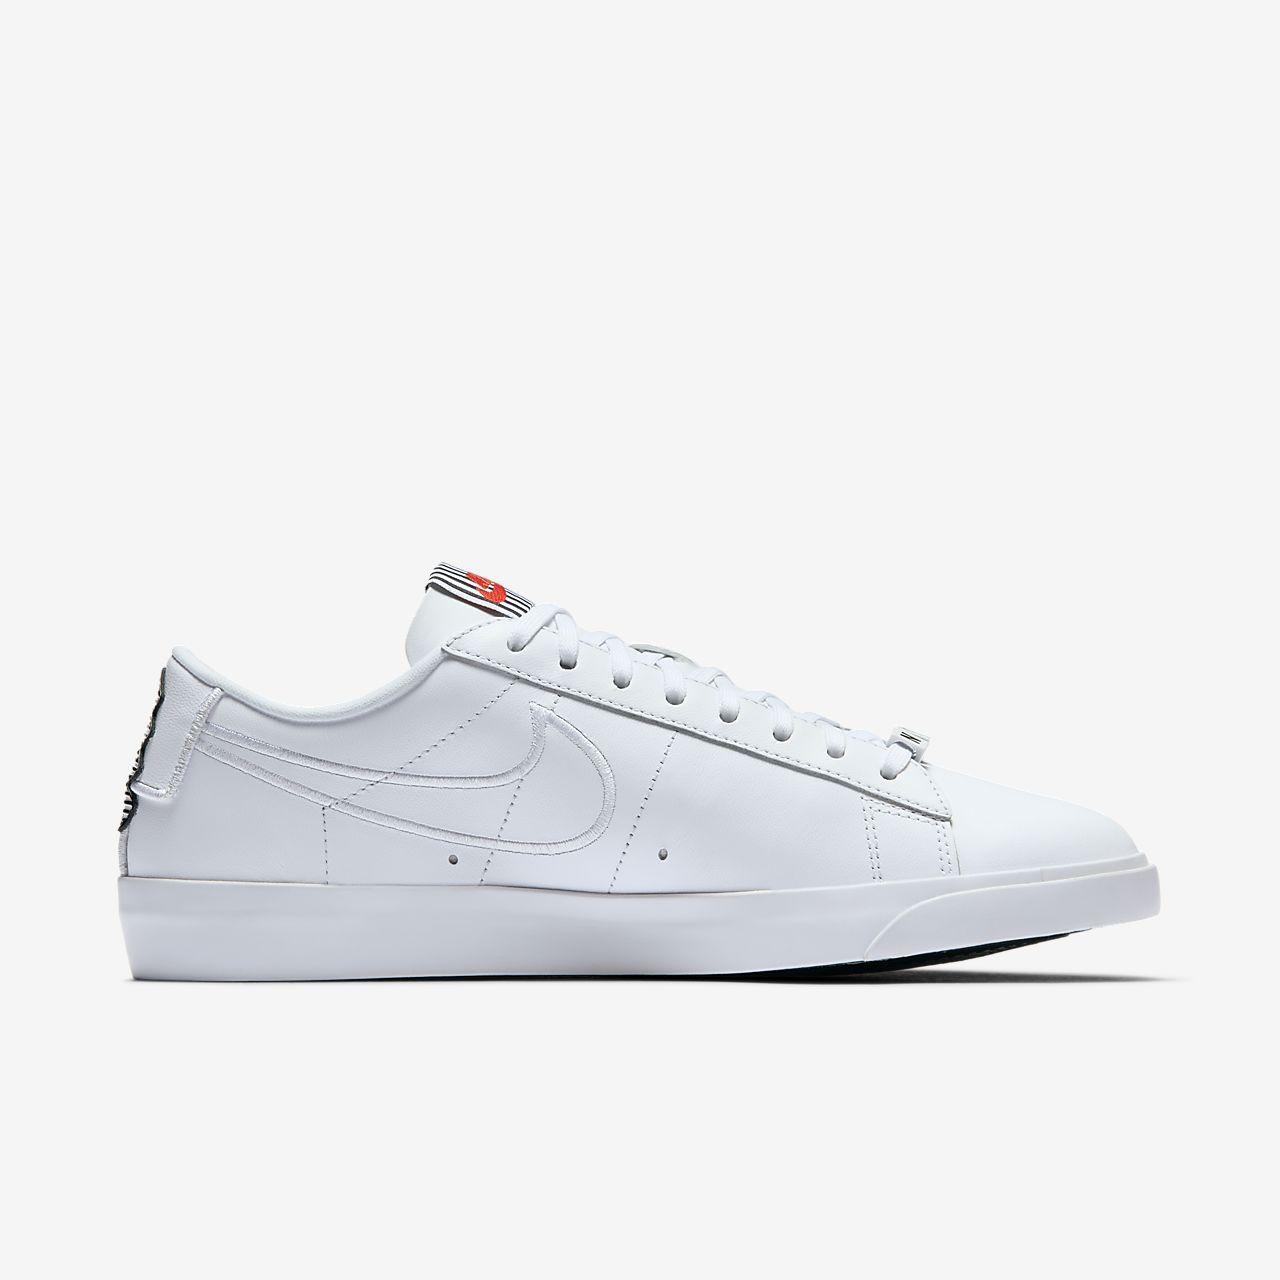 Nike Blazer Low SE LX Damenschuh - Weiß Fabrikverkauf Spielraum 2018 Freies Verschiffen Großer Verkauf Preise Günstig Online UpDg7j02dH